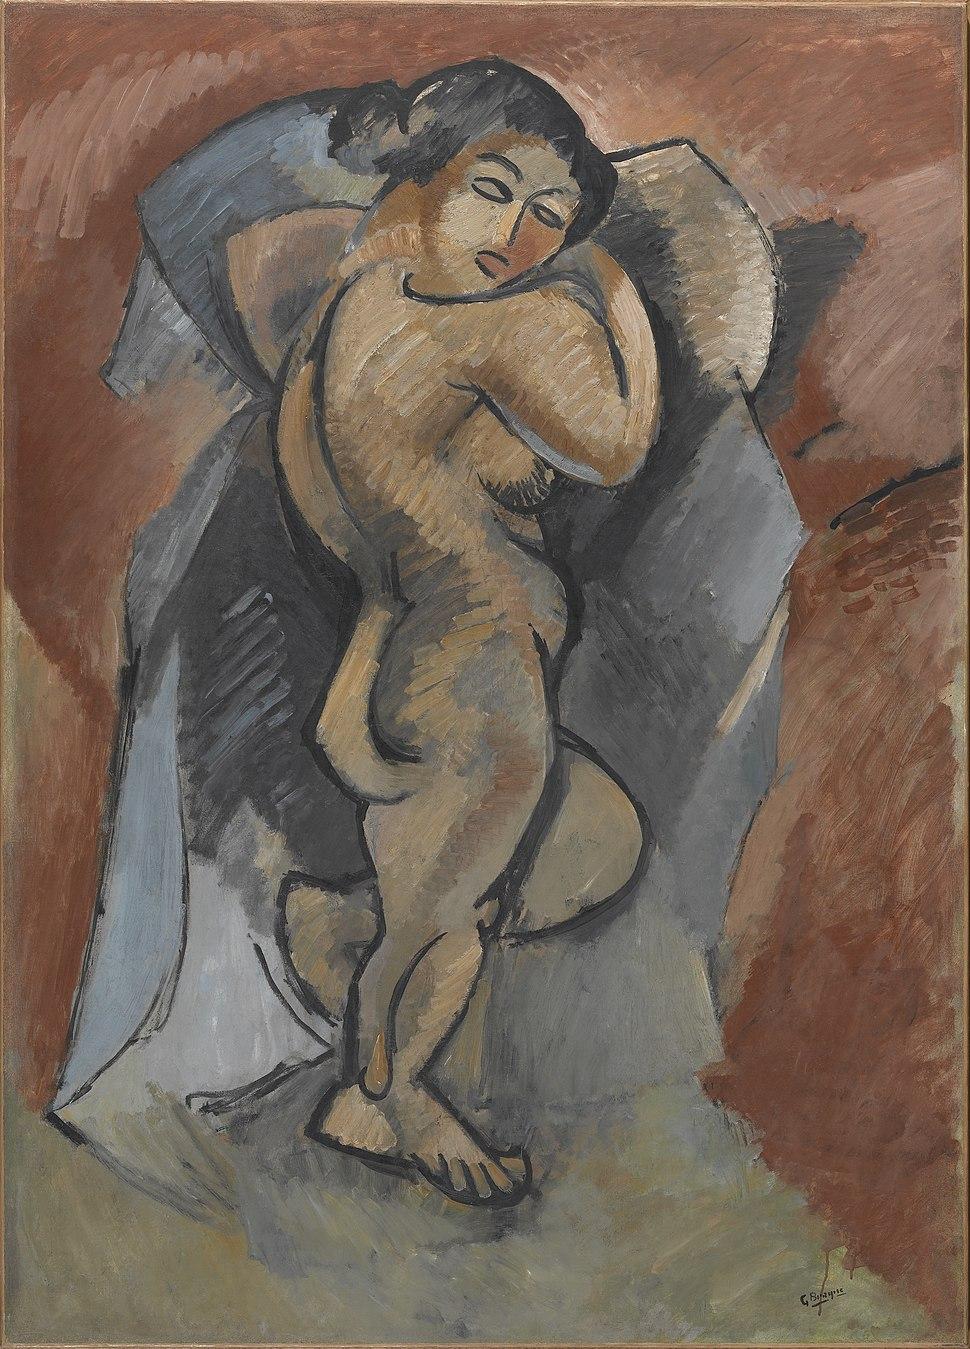 Georges Braque, 1908, Baigneuse (Le Grand Nu, Large Nude), oil on canvas, 140 × 100 cm, Musée National d'Art Moderne, Centre Pompidou, Paris